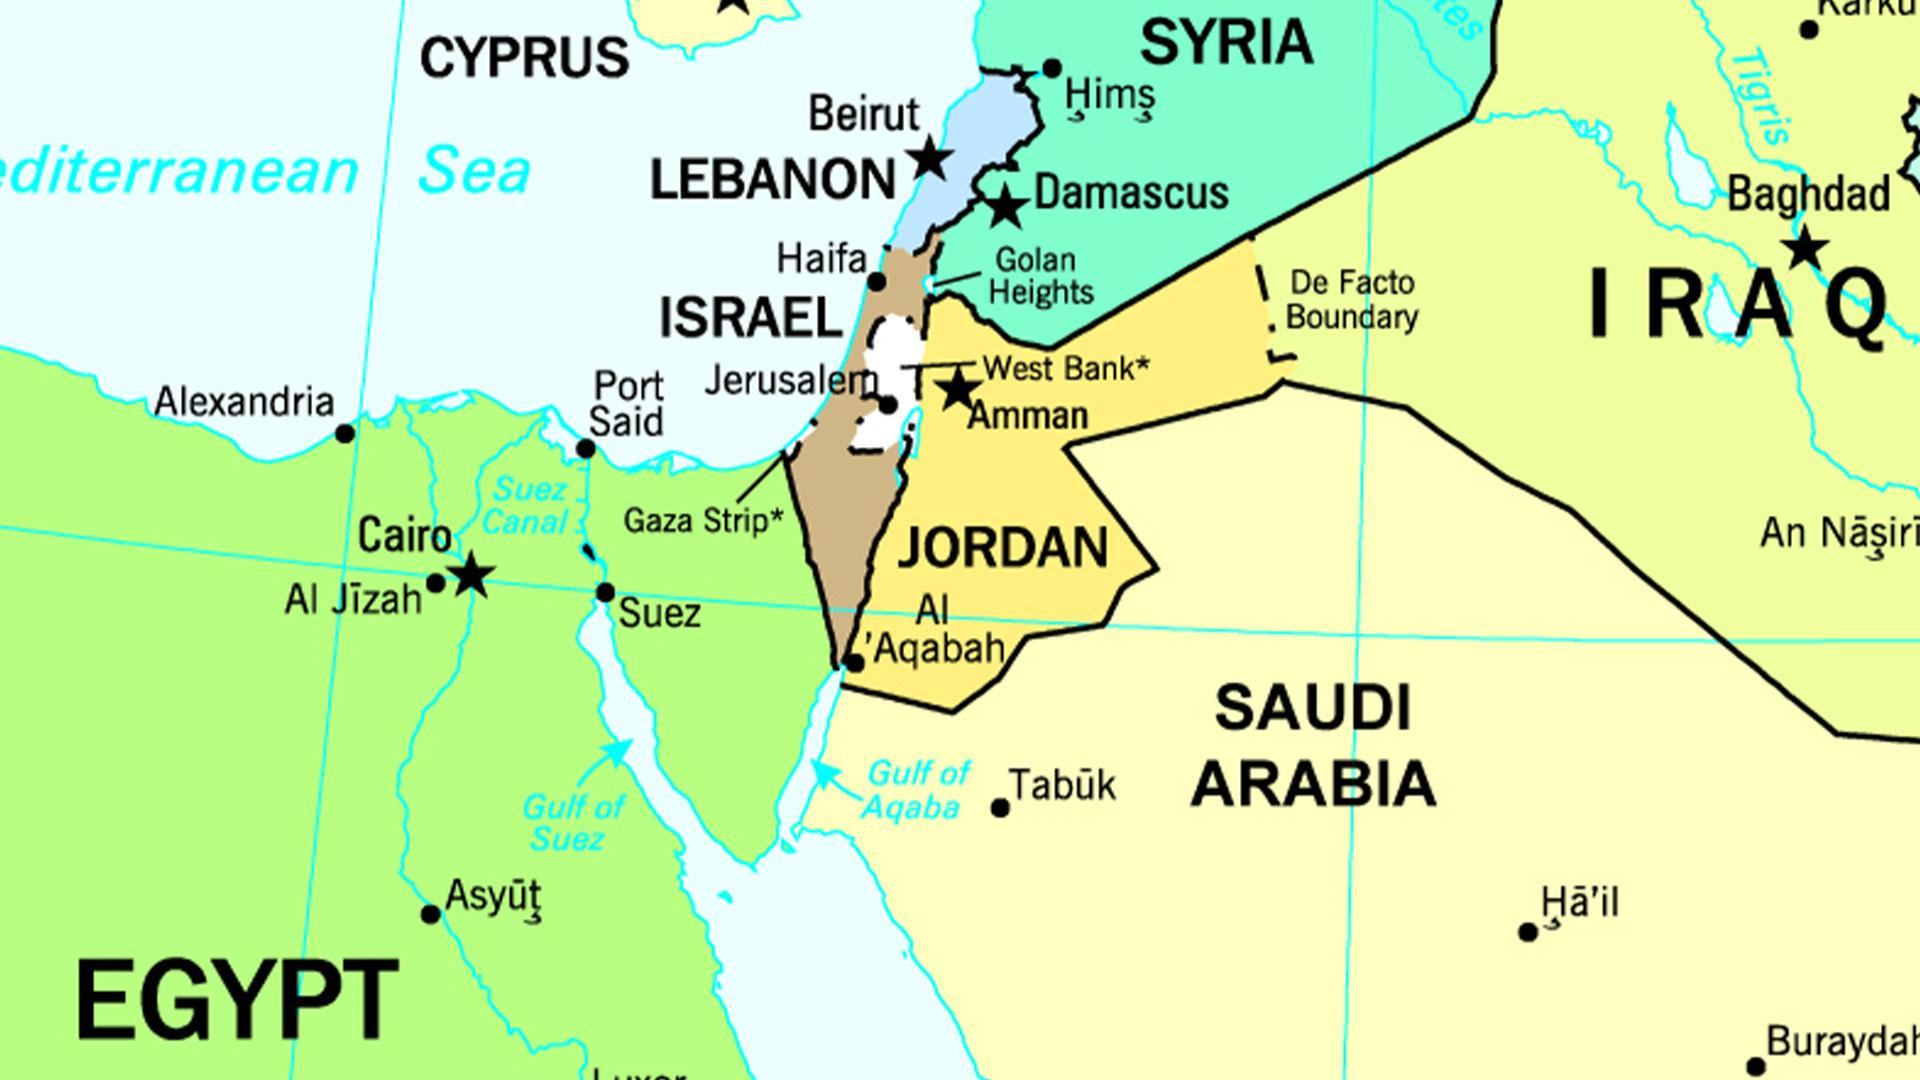 Cartina Israele Giordania.La Crisi In Giordania A Rischio Un Oasi Di Pace Nel Caos Del Medio Oriente